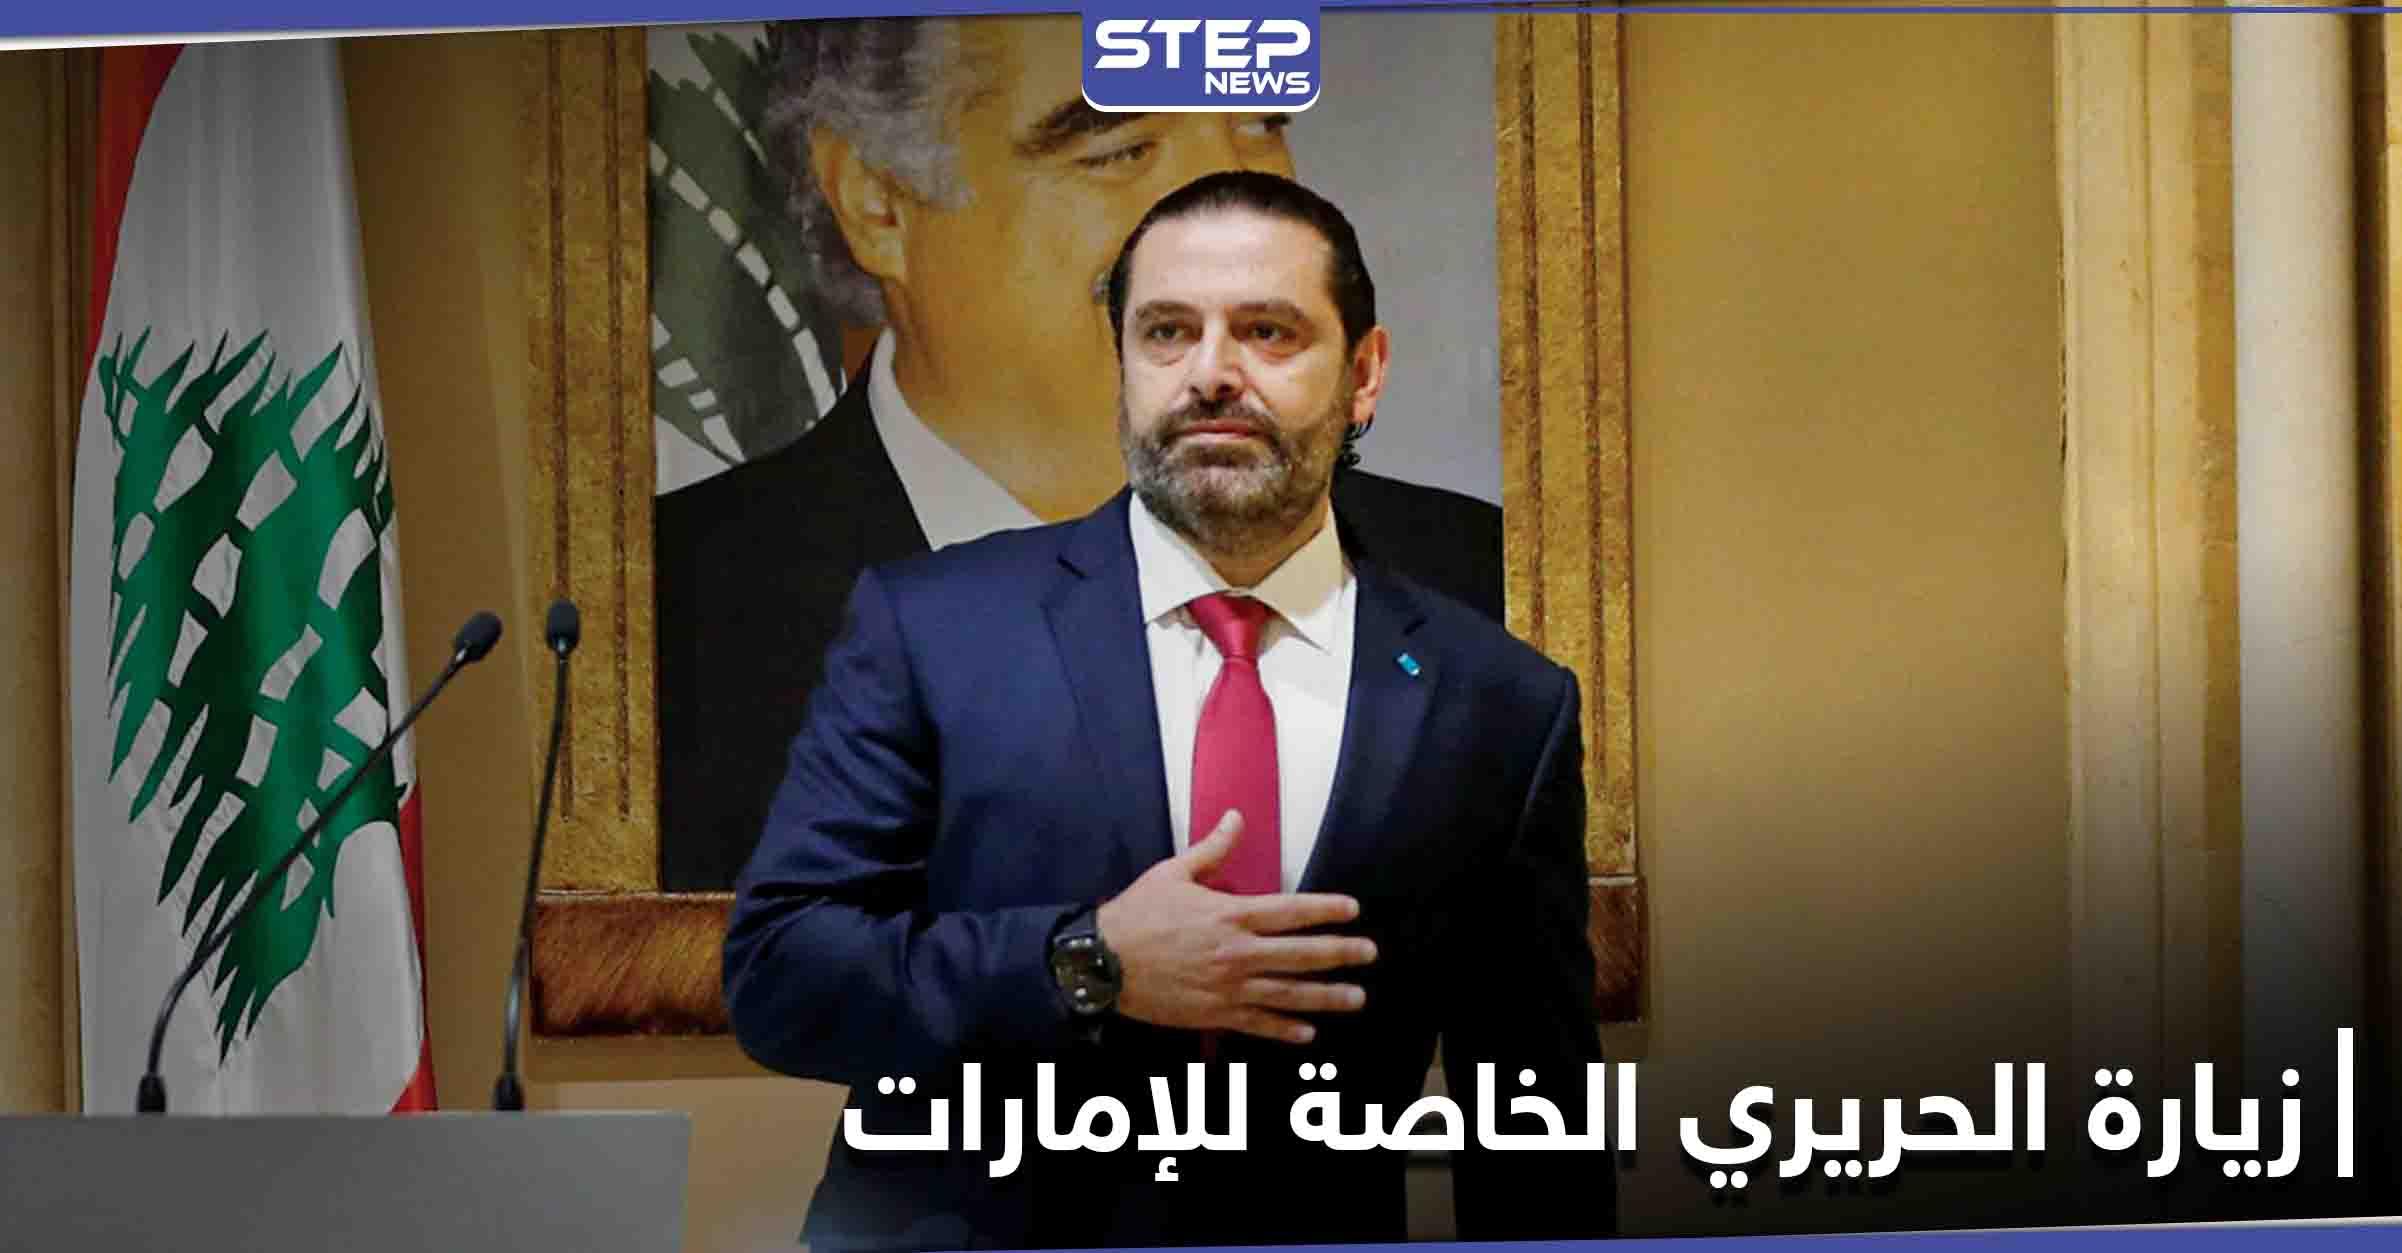 سعد الحريري يغادر بيروت متوجهاً إلى دولة الإمارات... إليك أسباب الزيارة الخاصة